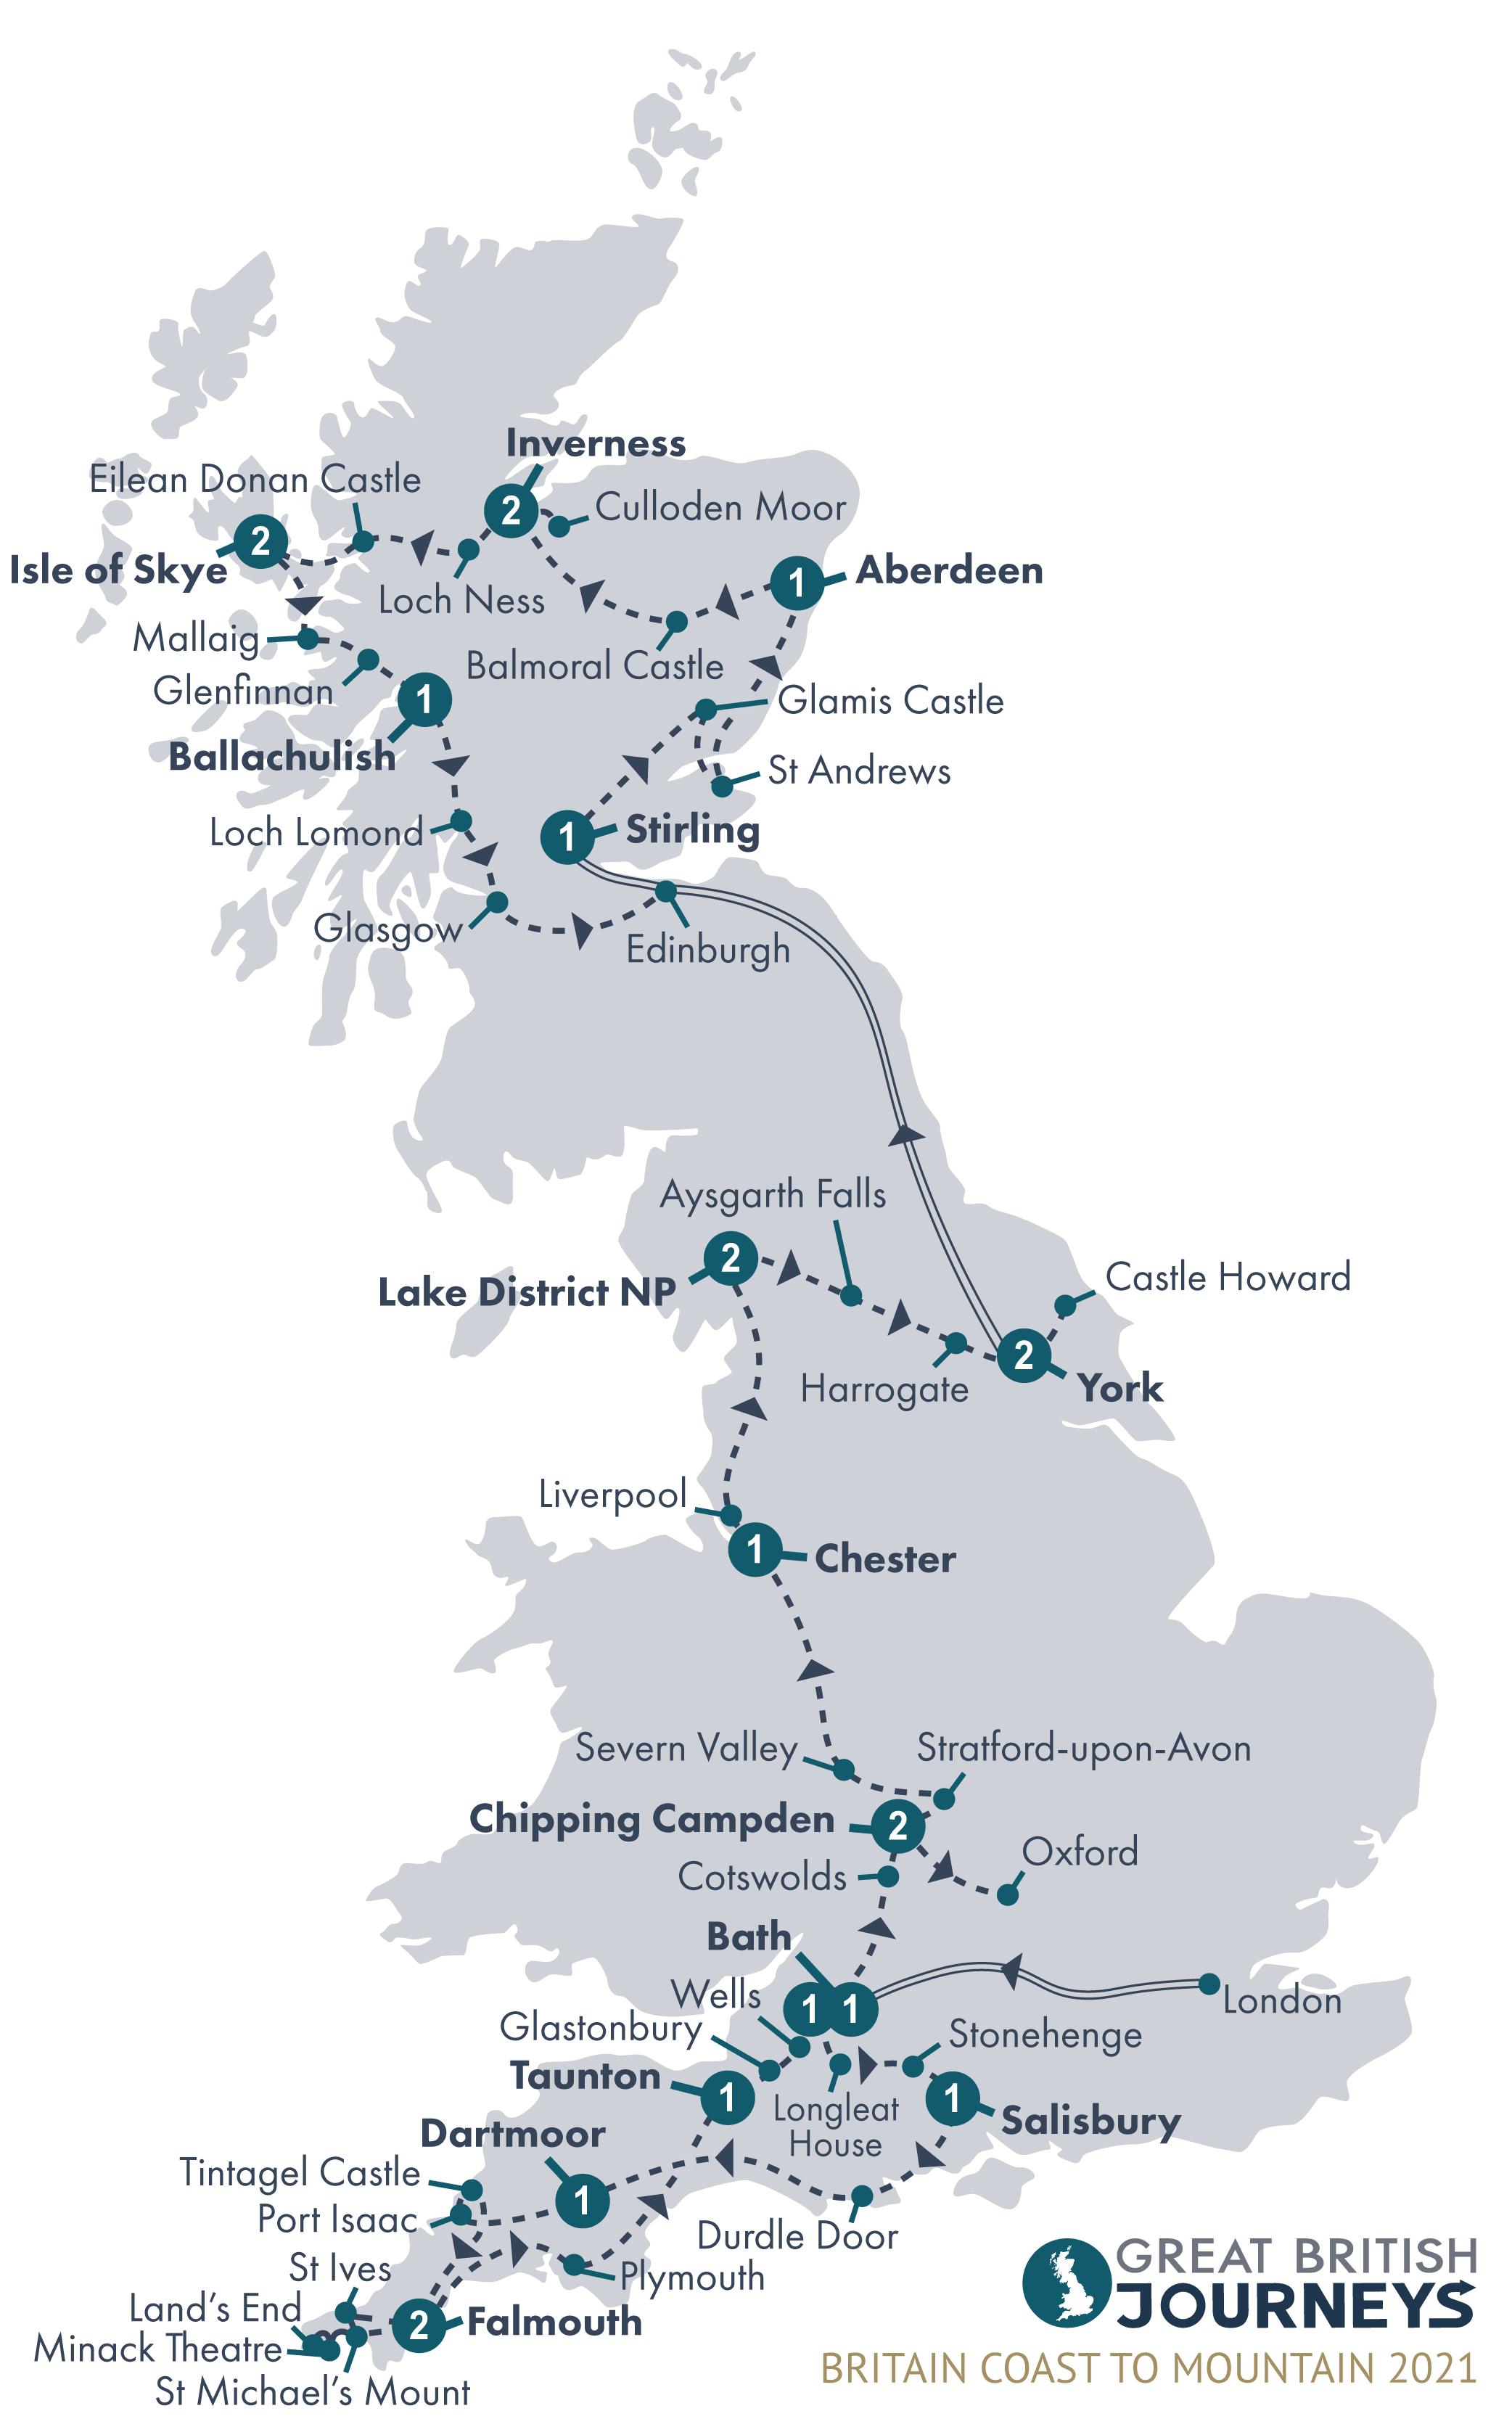 Map - Britain Coast to Mountain 2021